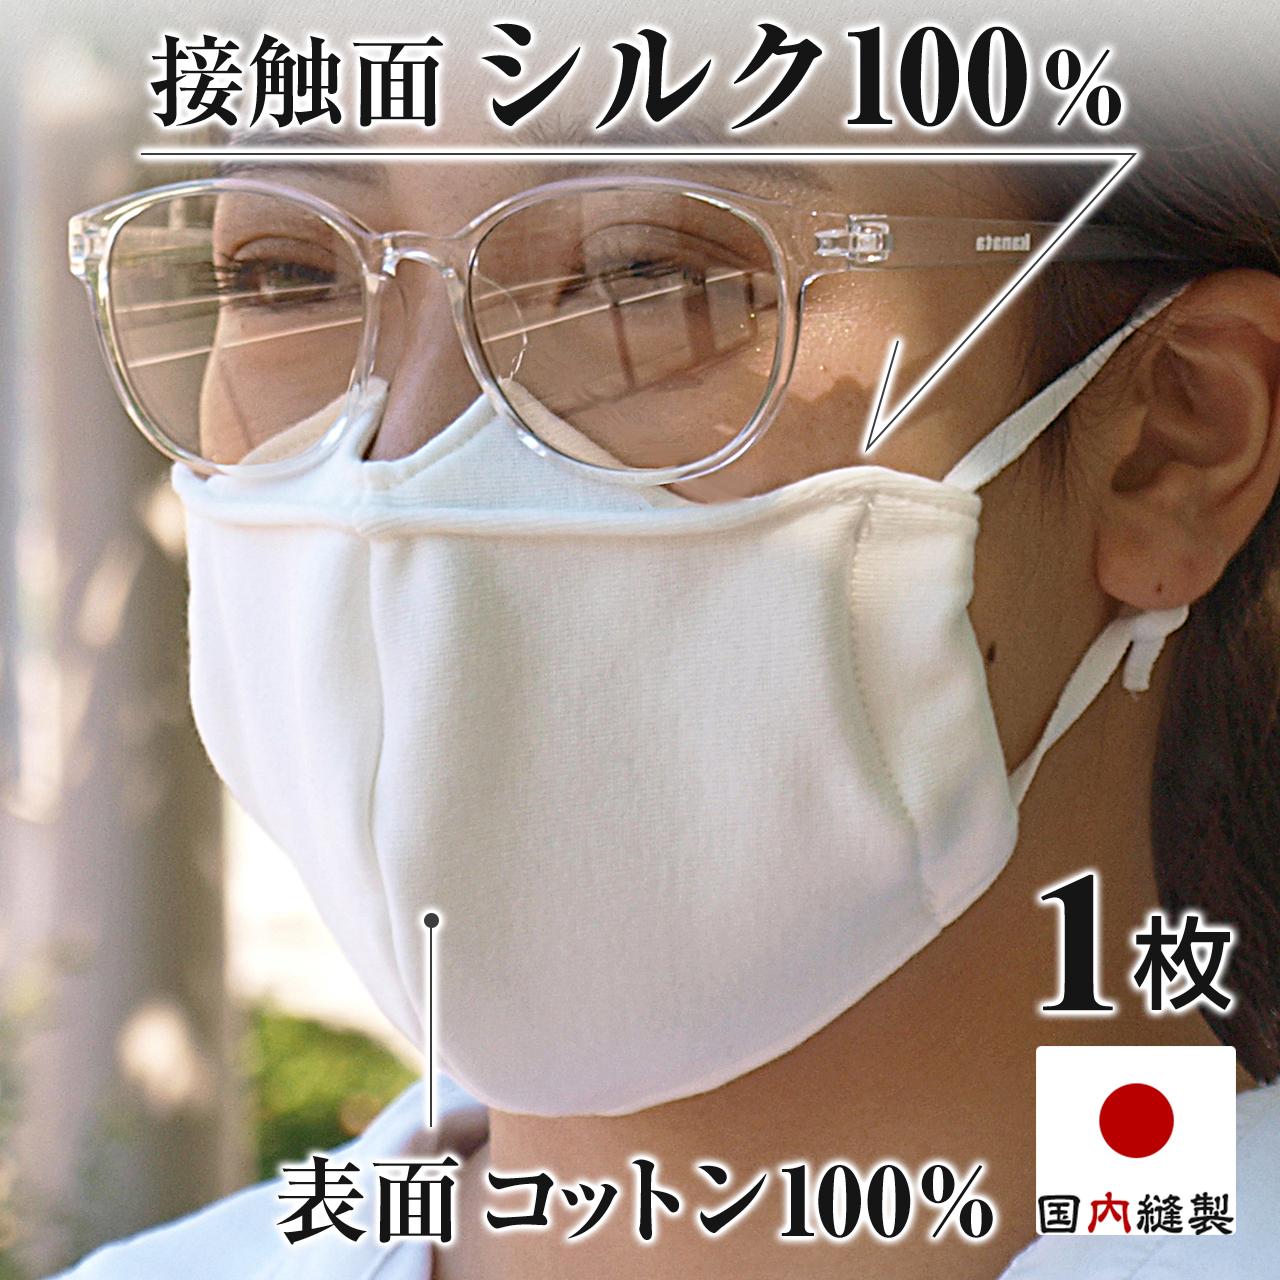 肌荒れしない 値引き 肌に優しいマスク シルクとコットン 日本製 洗える立体マスク 接触面シルク100% 抗ウィルス 洗える肌に優しいシルクマスク 抗菌 不織布マスクで肌荒れにお困りの方へ メーカー在庫限り品